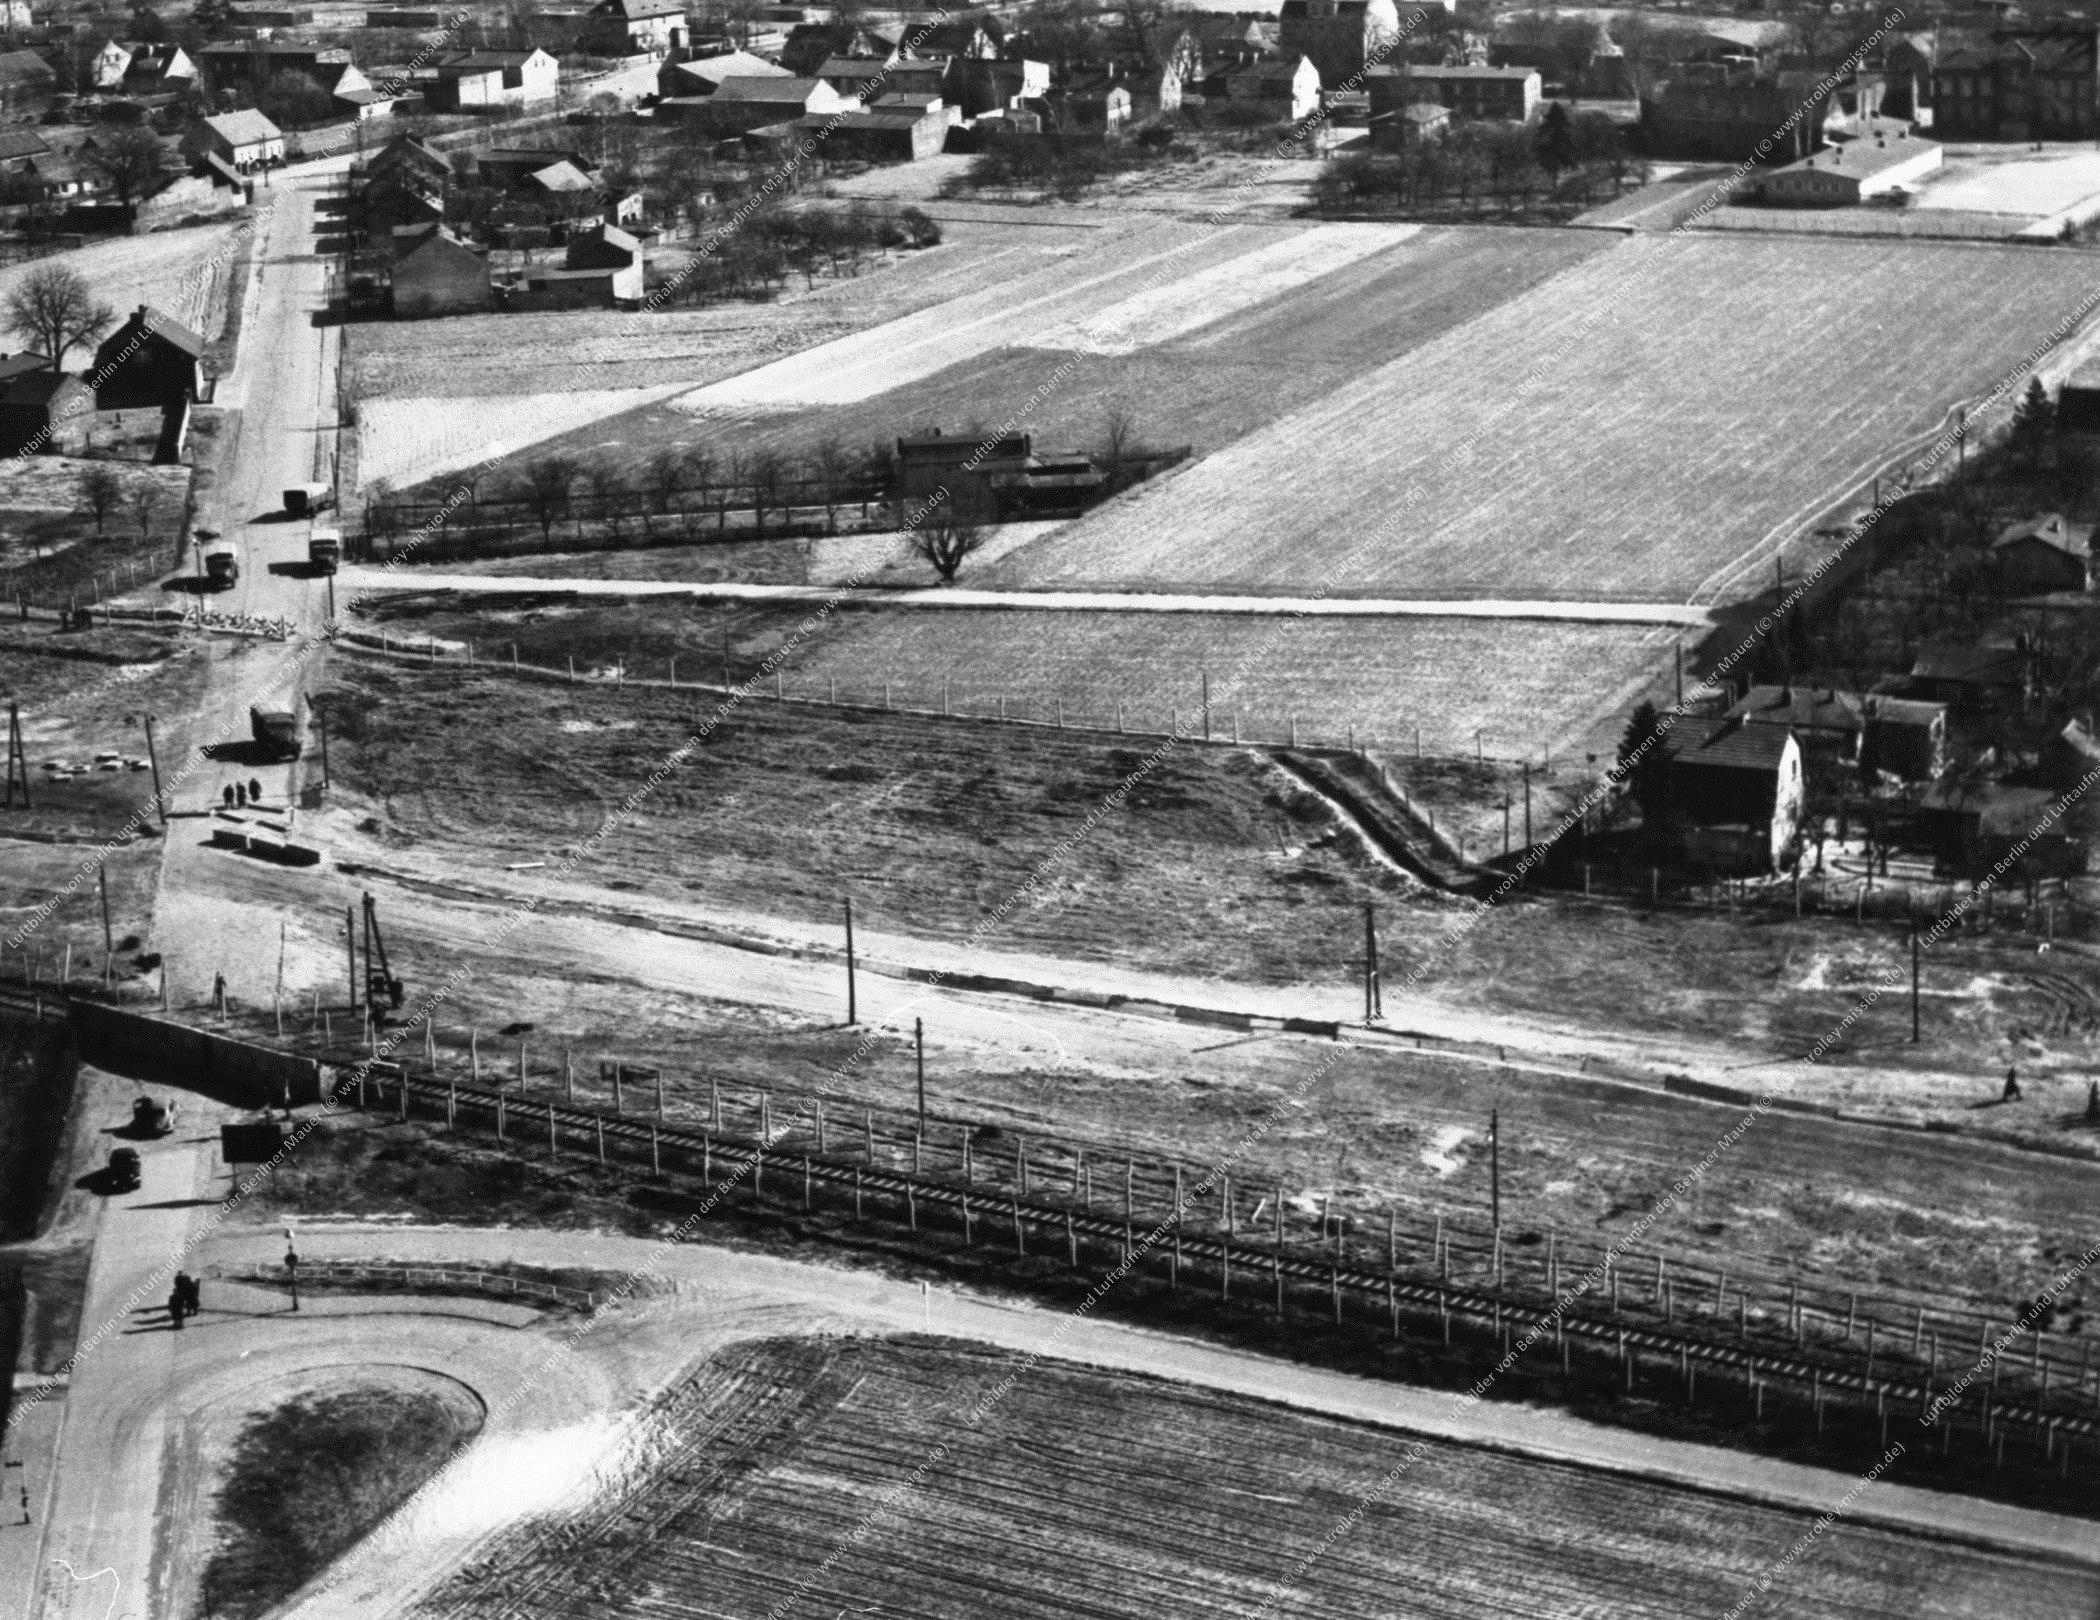 Luftbild Wilhelmruher Damm in Berlin-Reinickendorf (Bild 018)